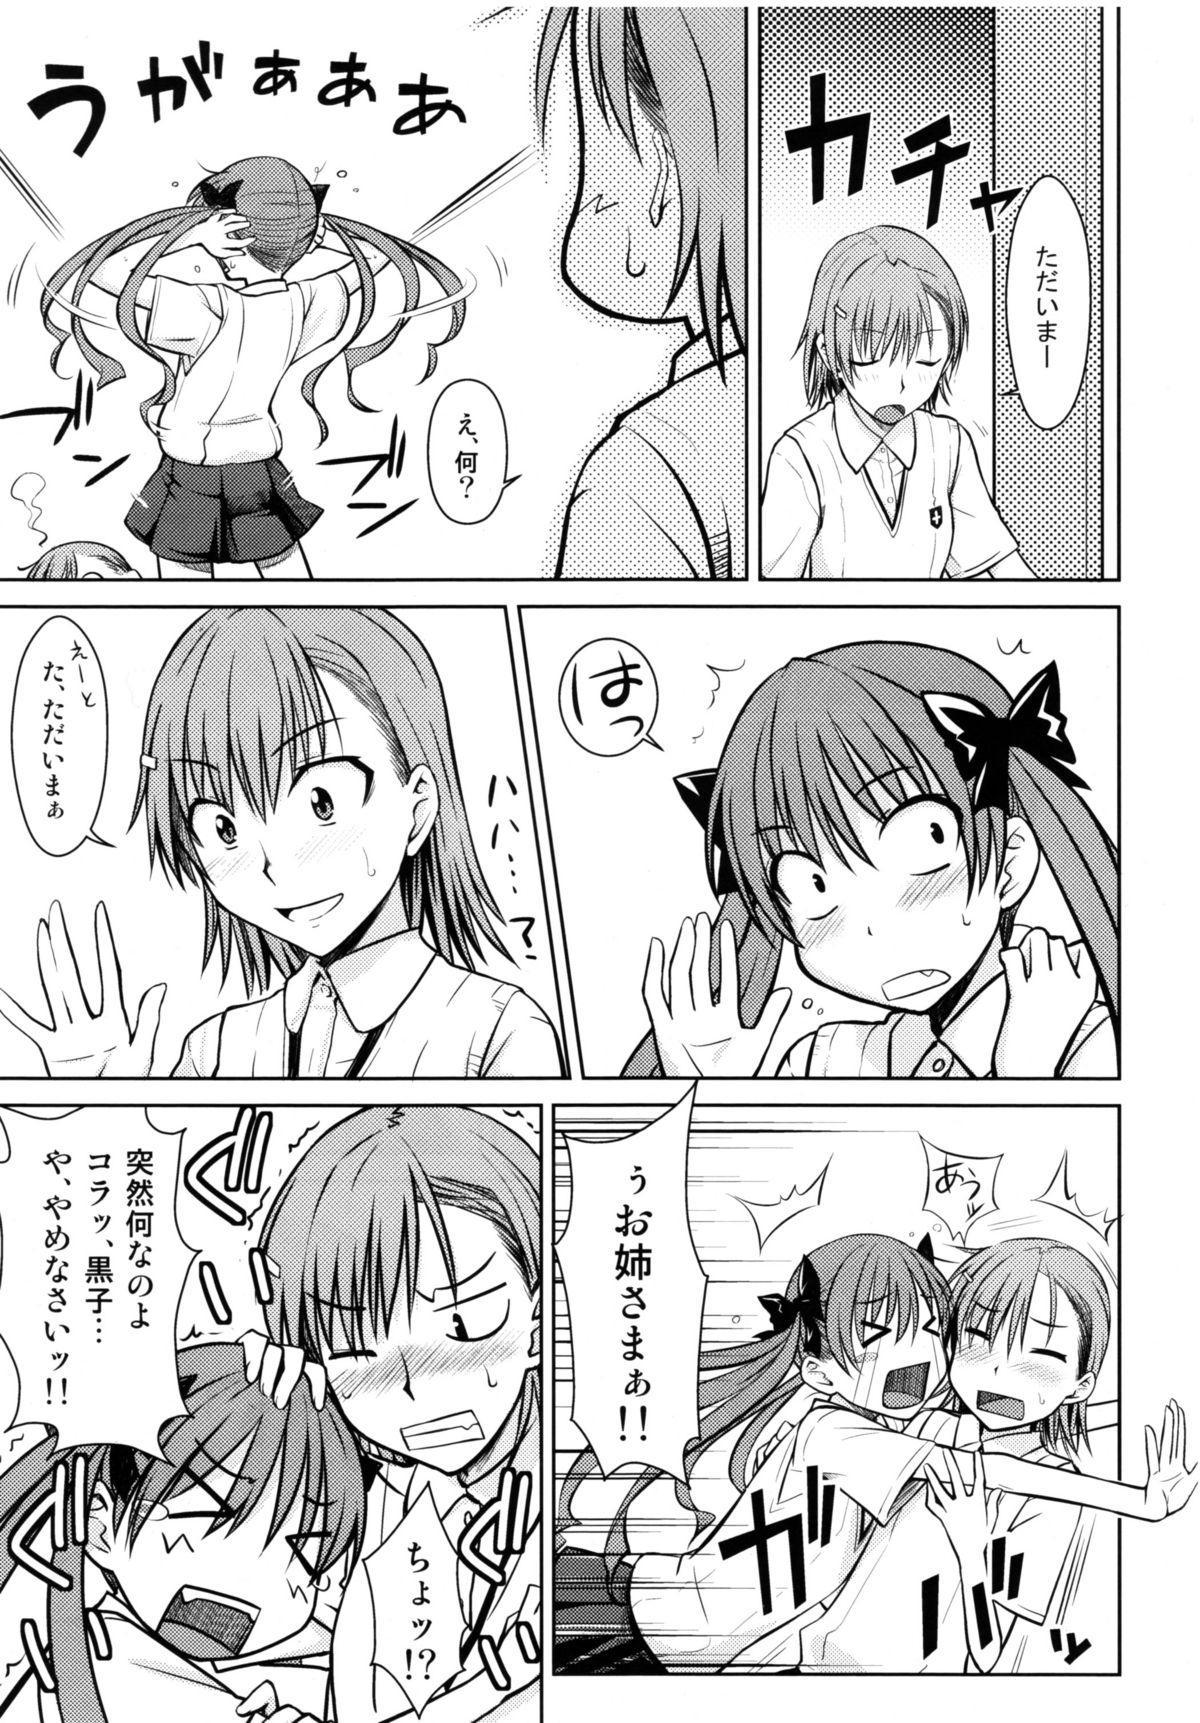 Toaru Himitsu no Onee-sama 5